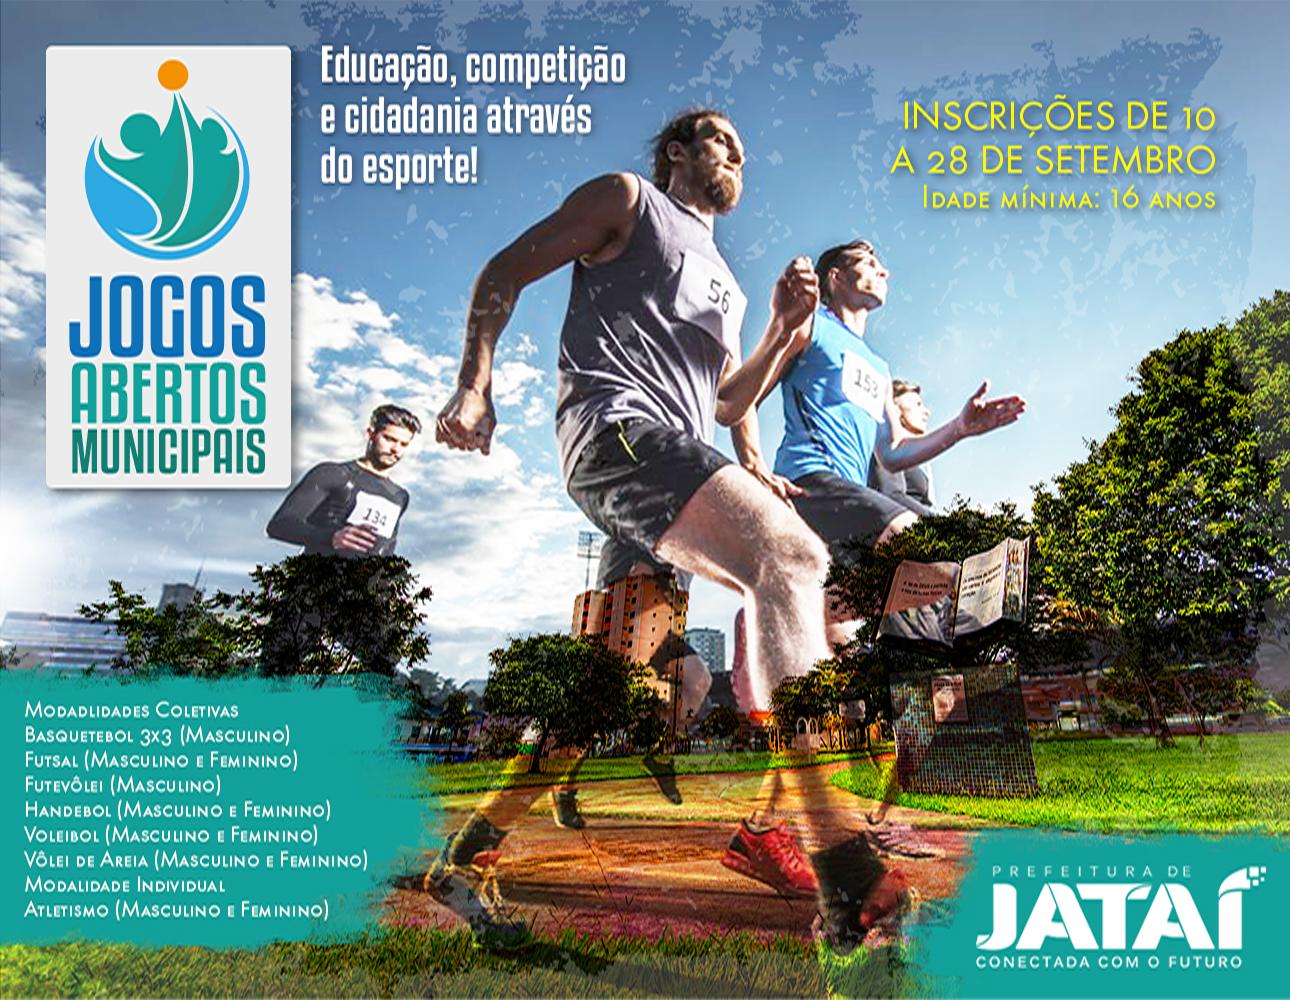 9e5c6ec3565a1 Inscrições para os Jogos Abertos Municipais terão início na próxima ...